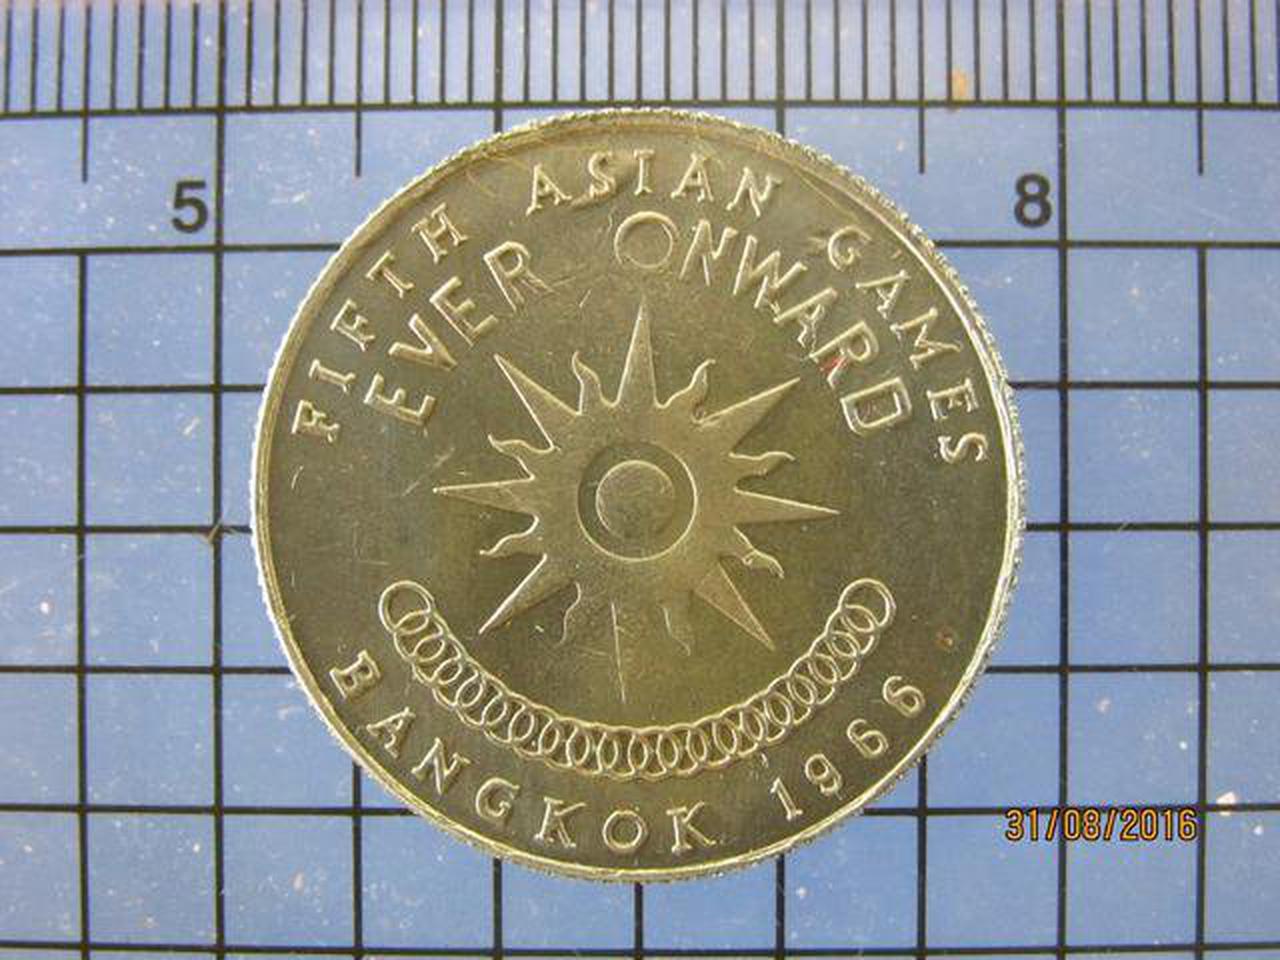 3822 เหรียญกษาปณ์ที่ระลึก 1 บาท เอเชี่ยนเกมส์ ครั้งที่ 5 ปี  รูปที่ 5